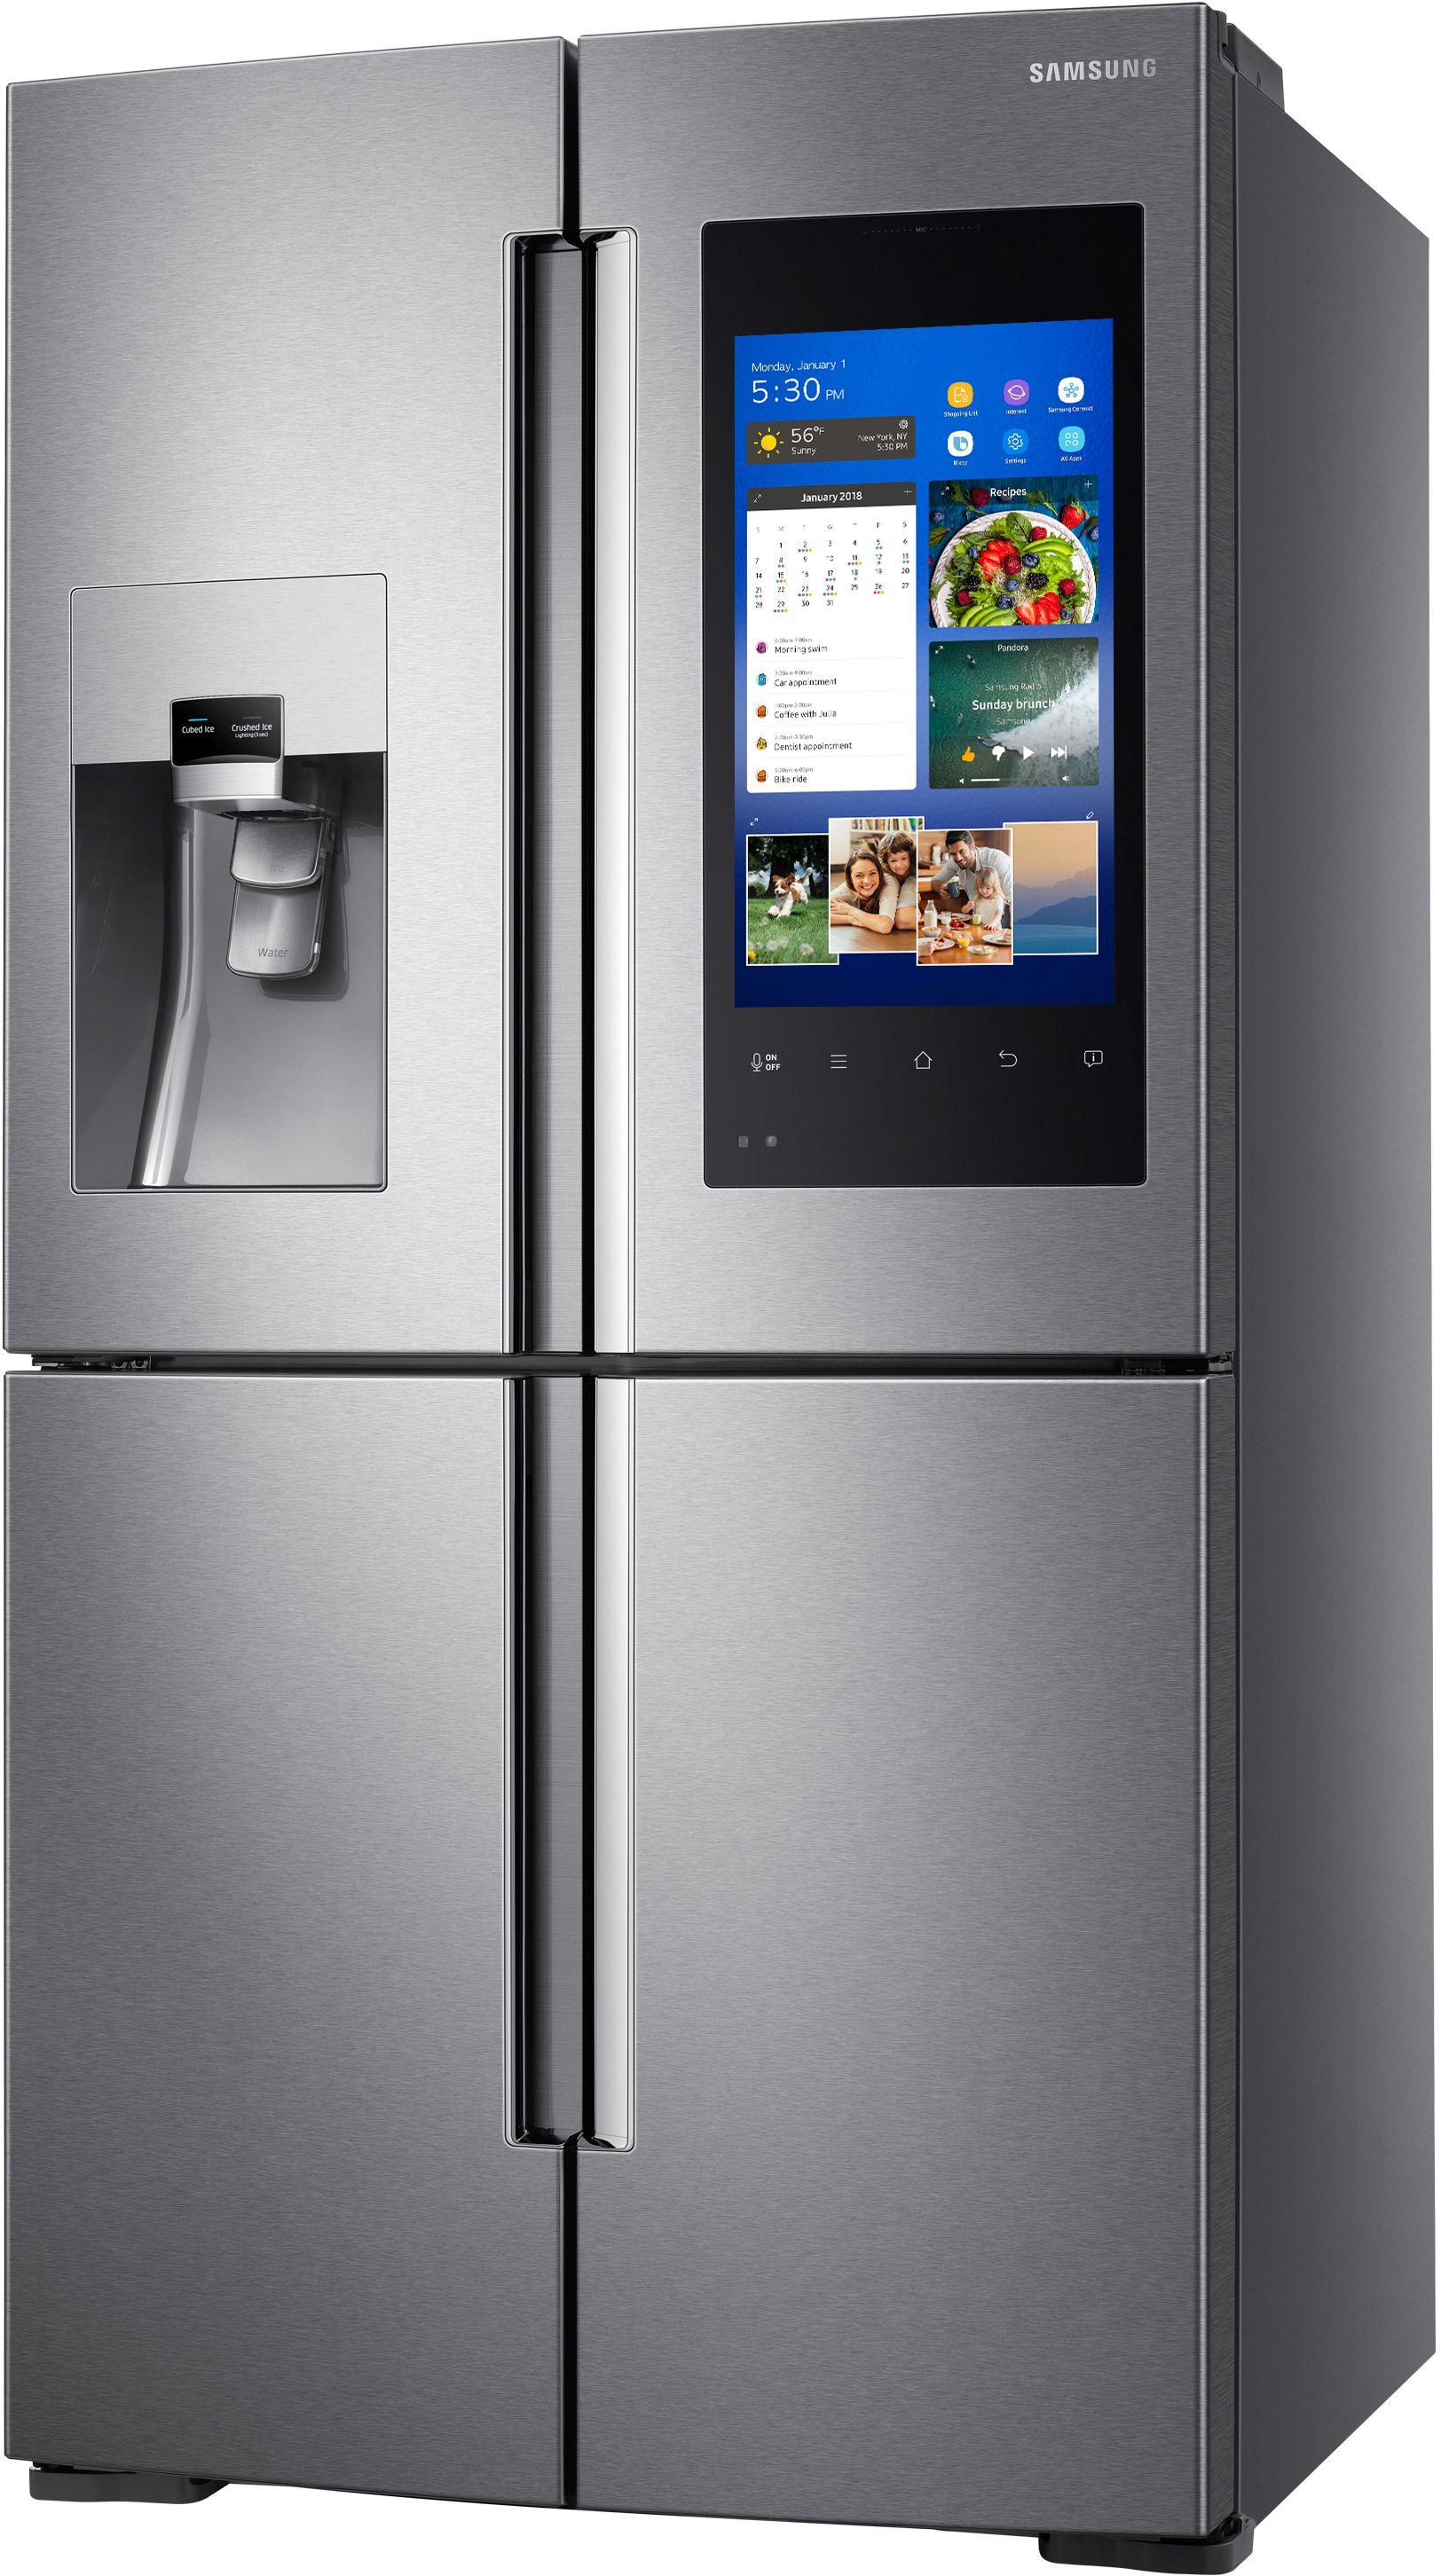 Delicieux Ft. 4 Door Flex™ Refrigerator Fingerprint Resistant Stainless ...